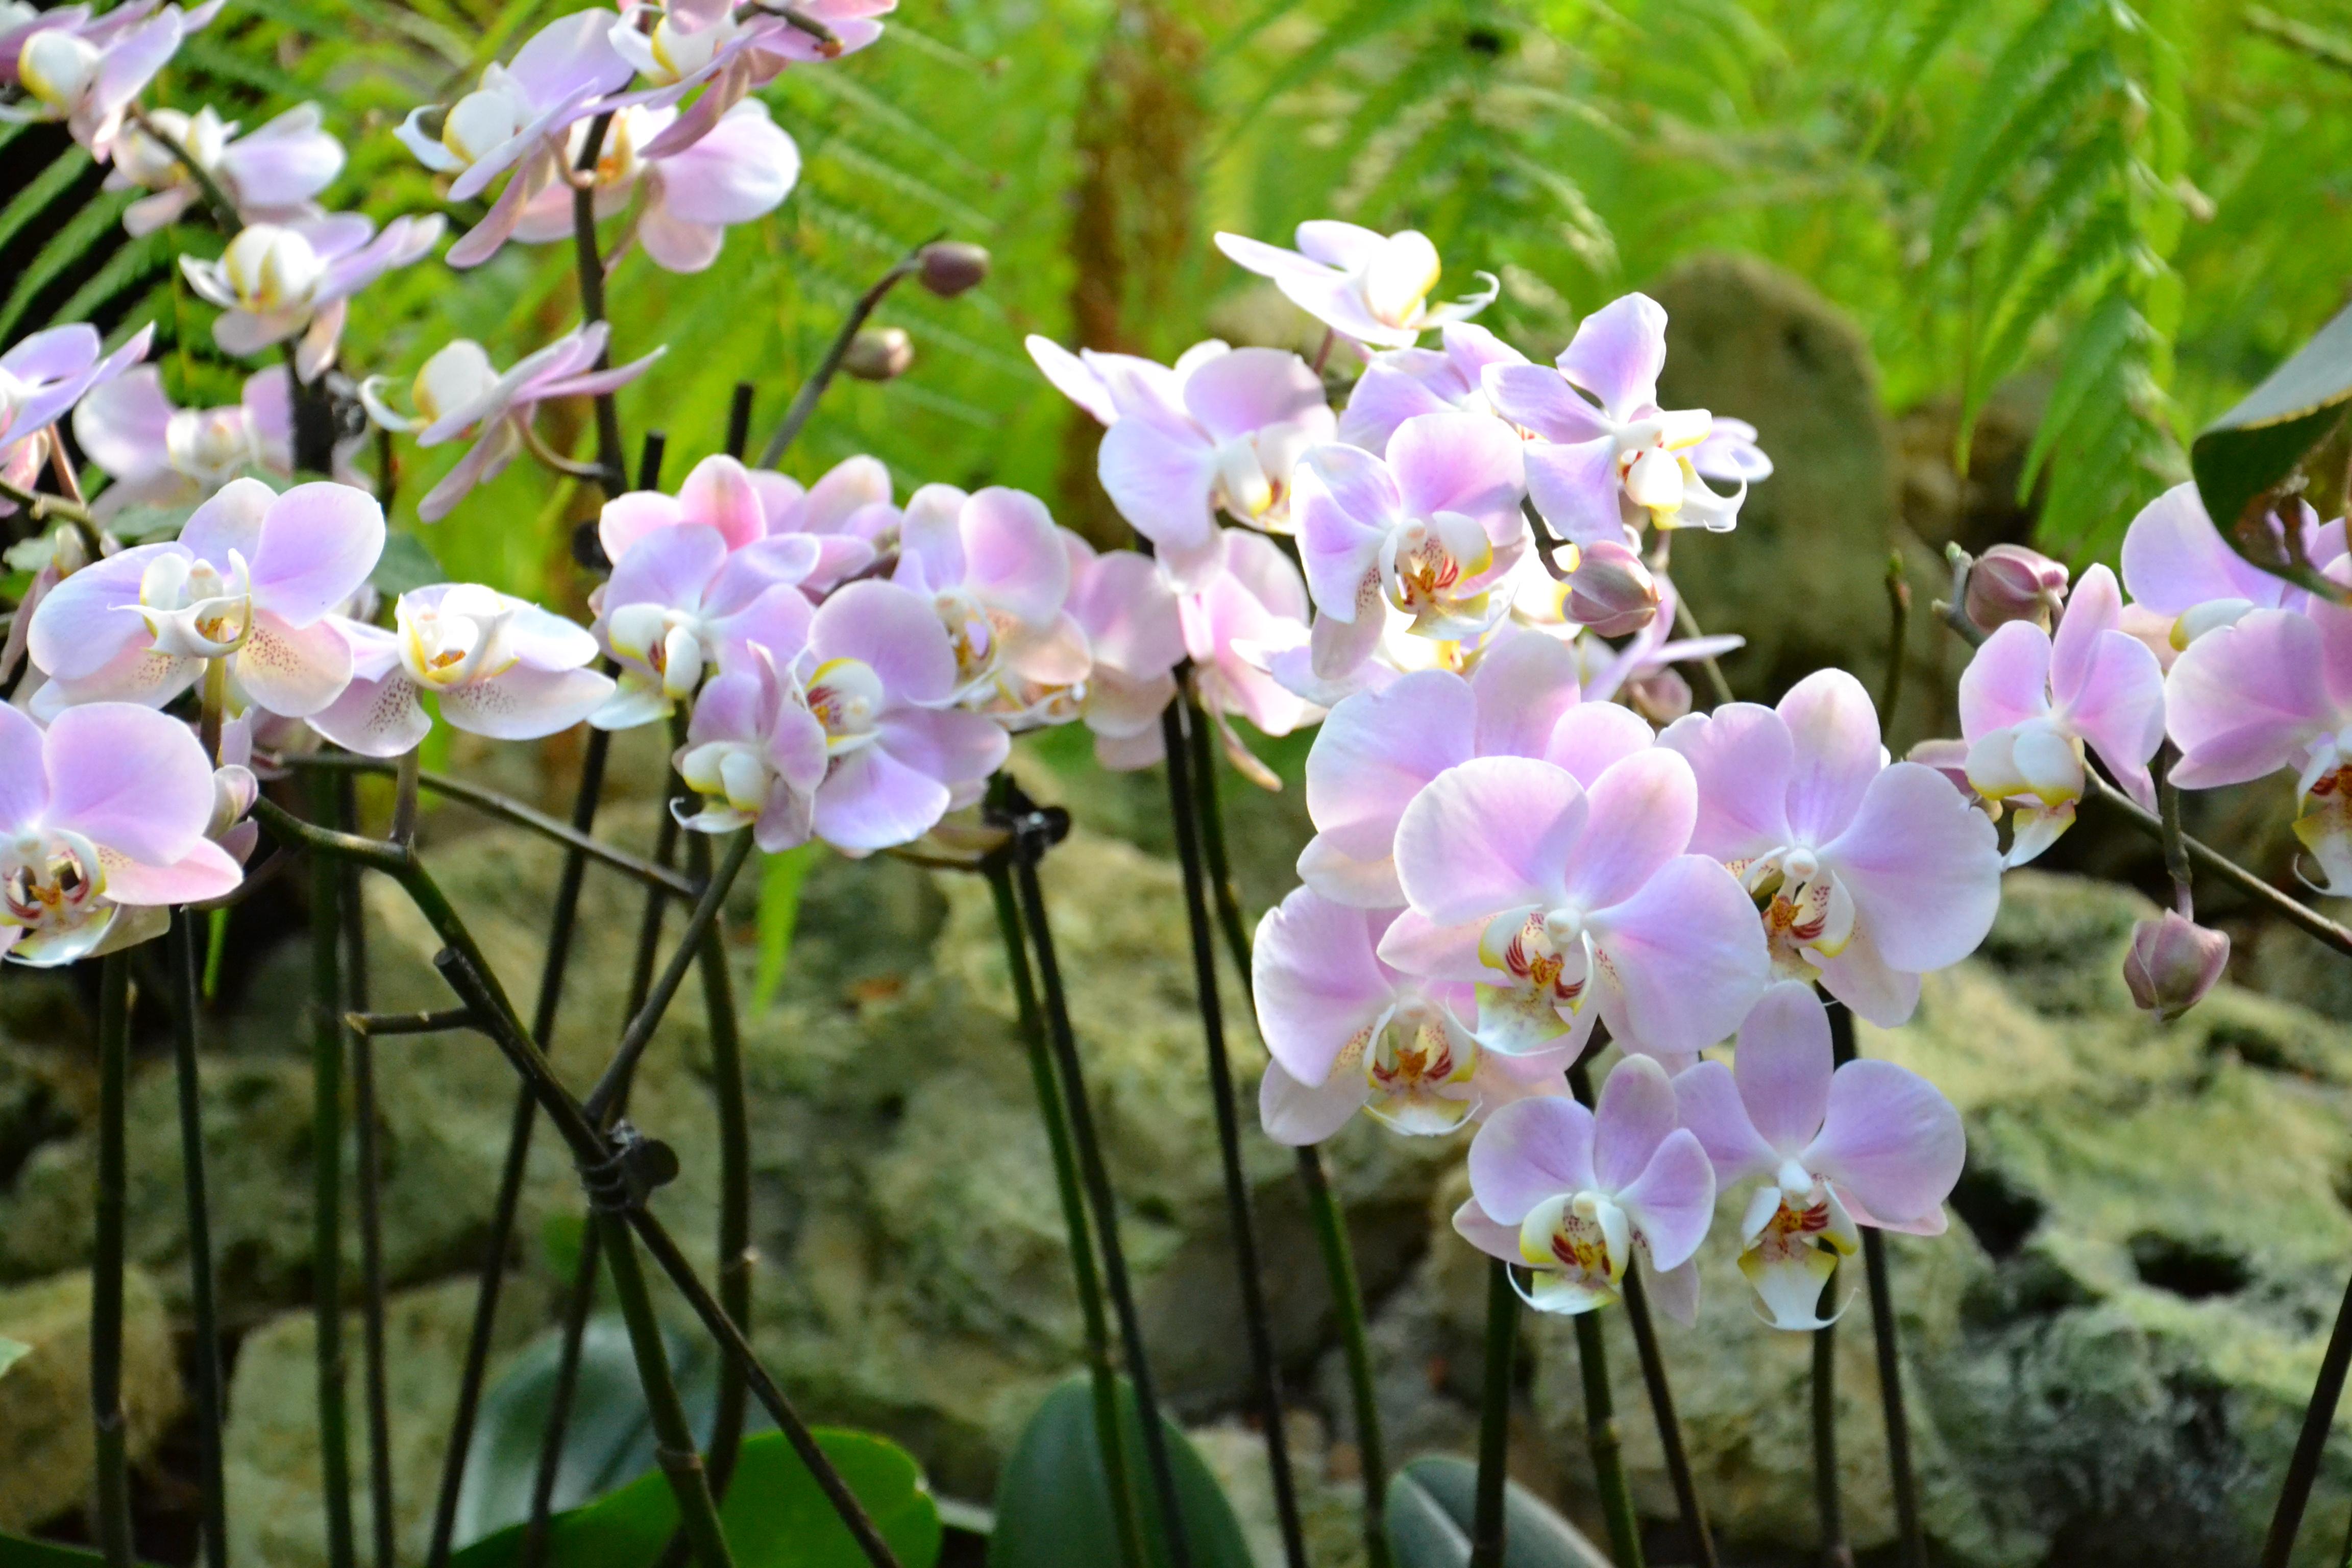 Mille et une orchid es au jardin des plantes 1 mag by for Jardin des plantes orchidees 2016